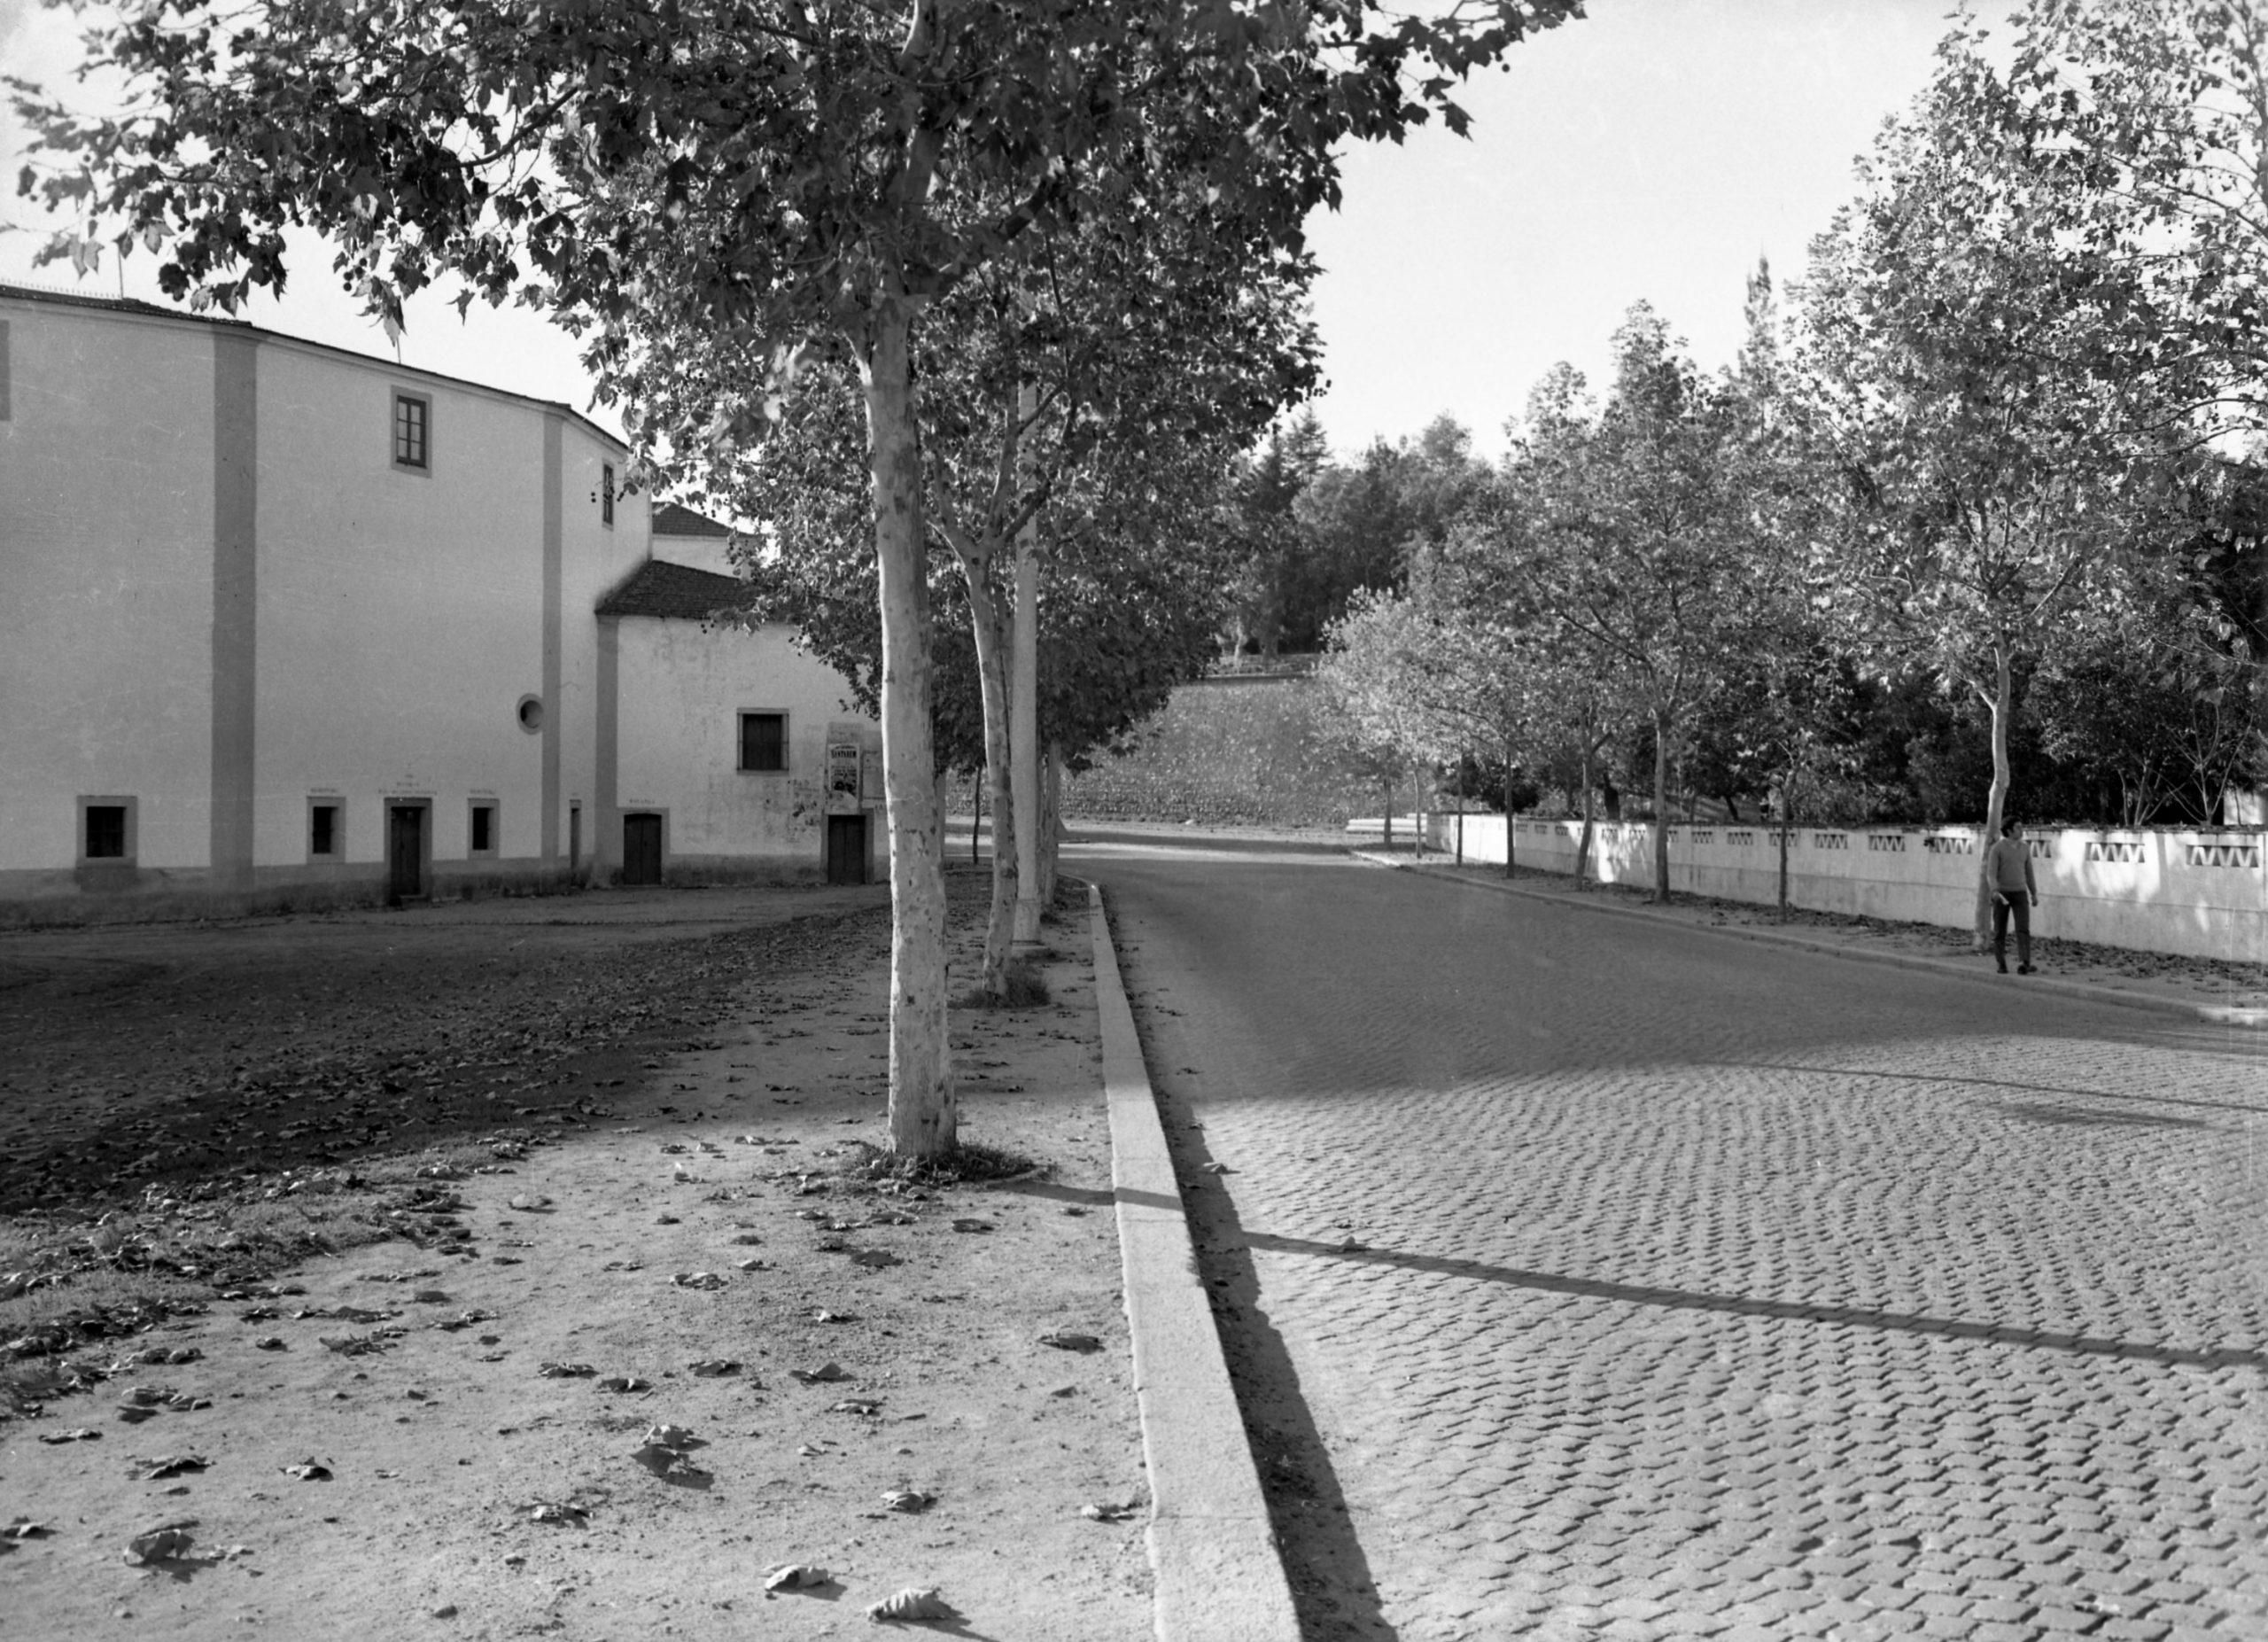 Praça de Touros de Évora - (David Freitas, CME, s/d)